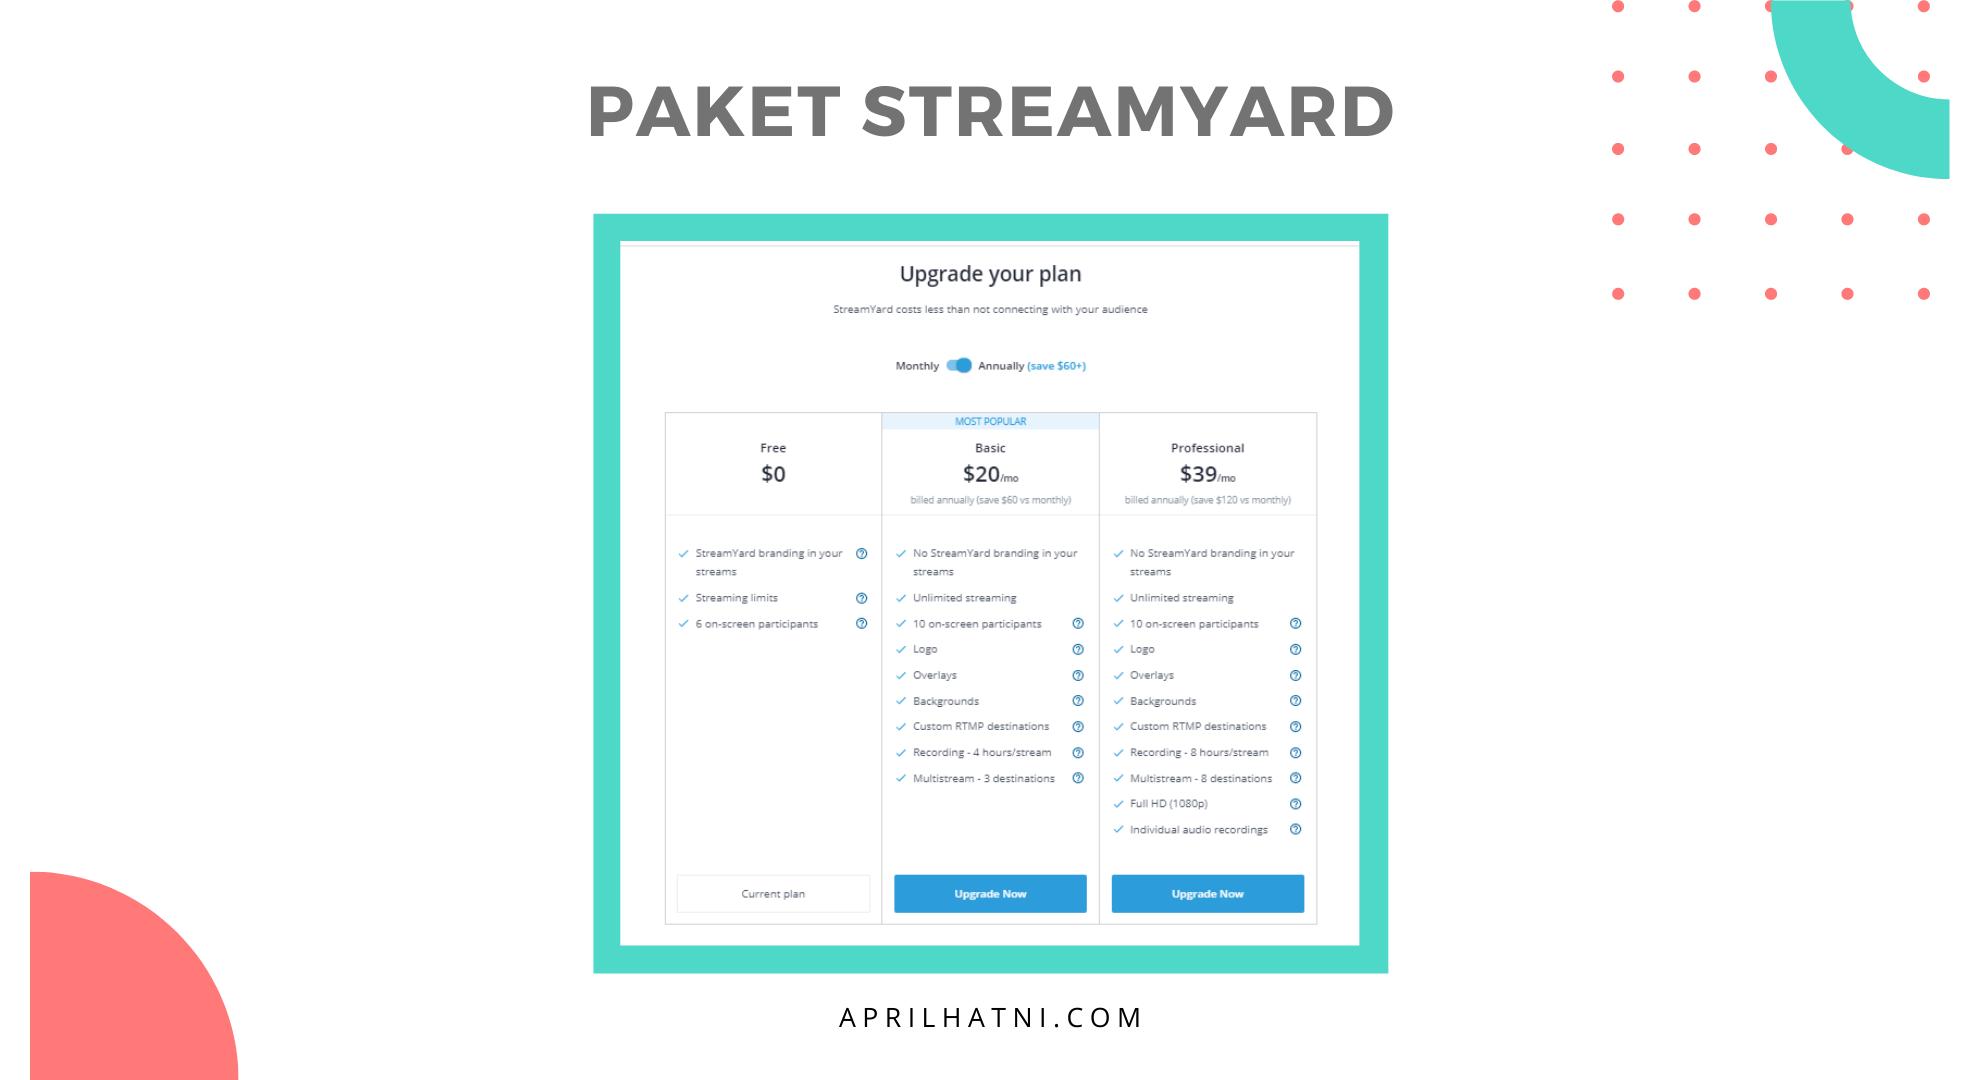 paket streamyard